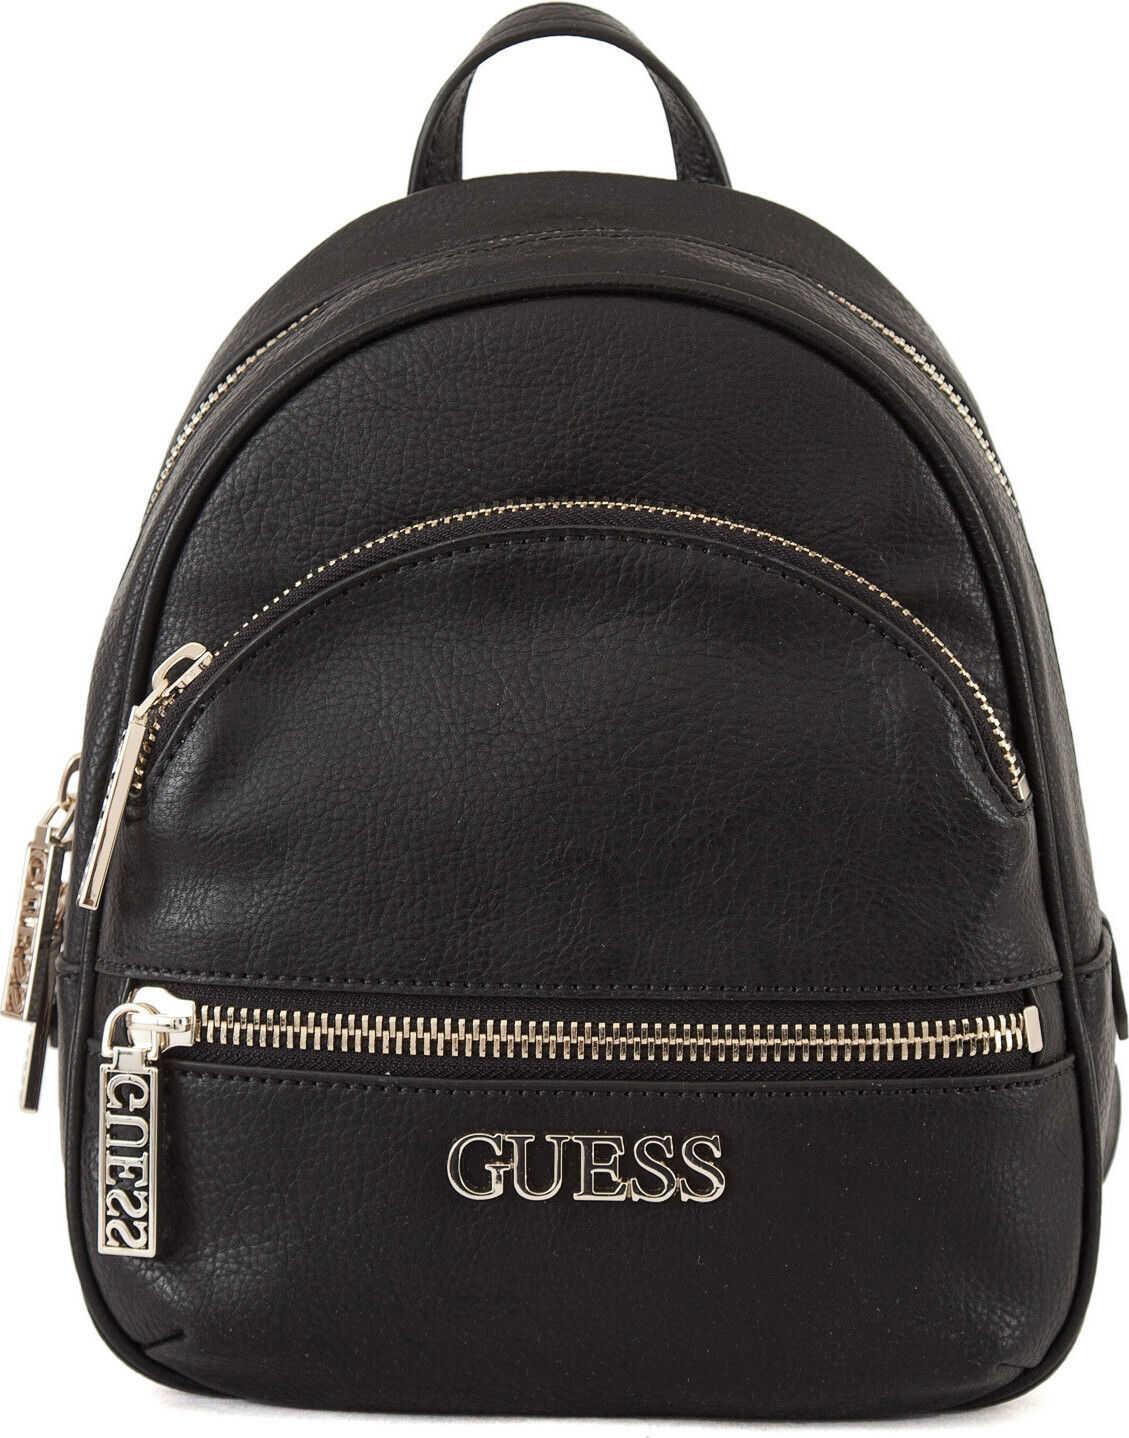 GUESS 38FDAAEC BLACK